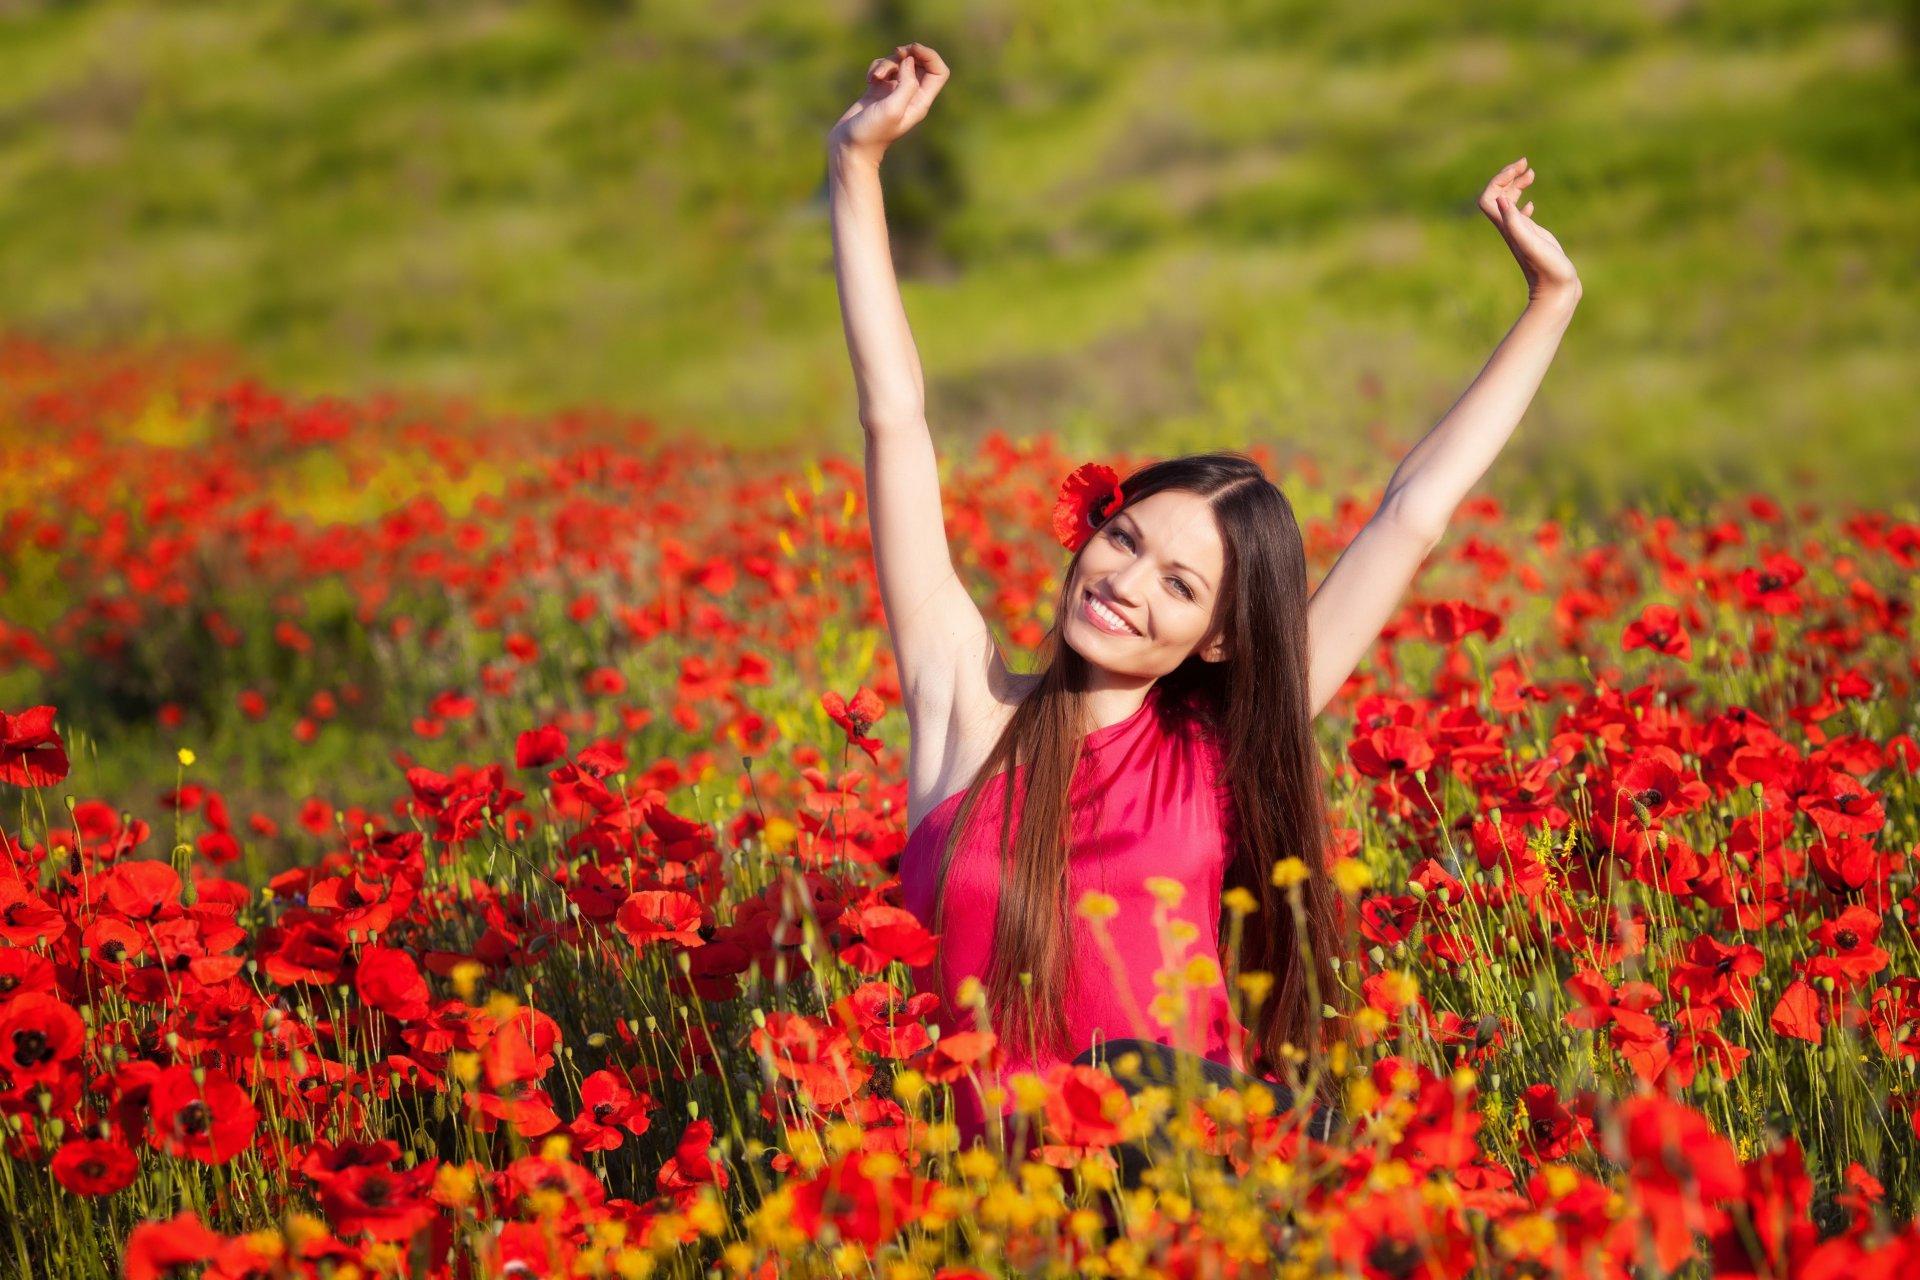 Девушки в поле с цветами и